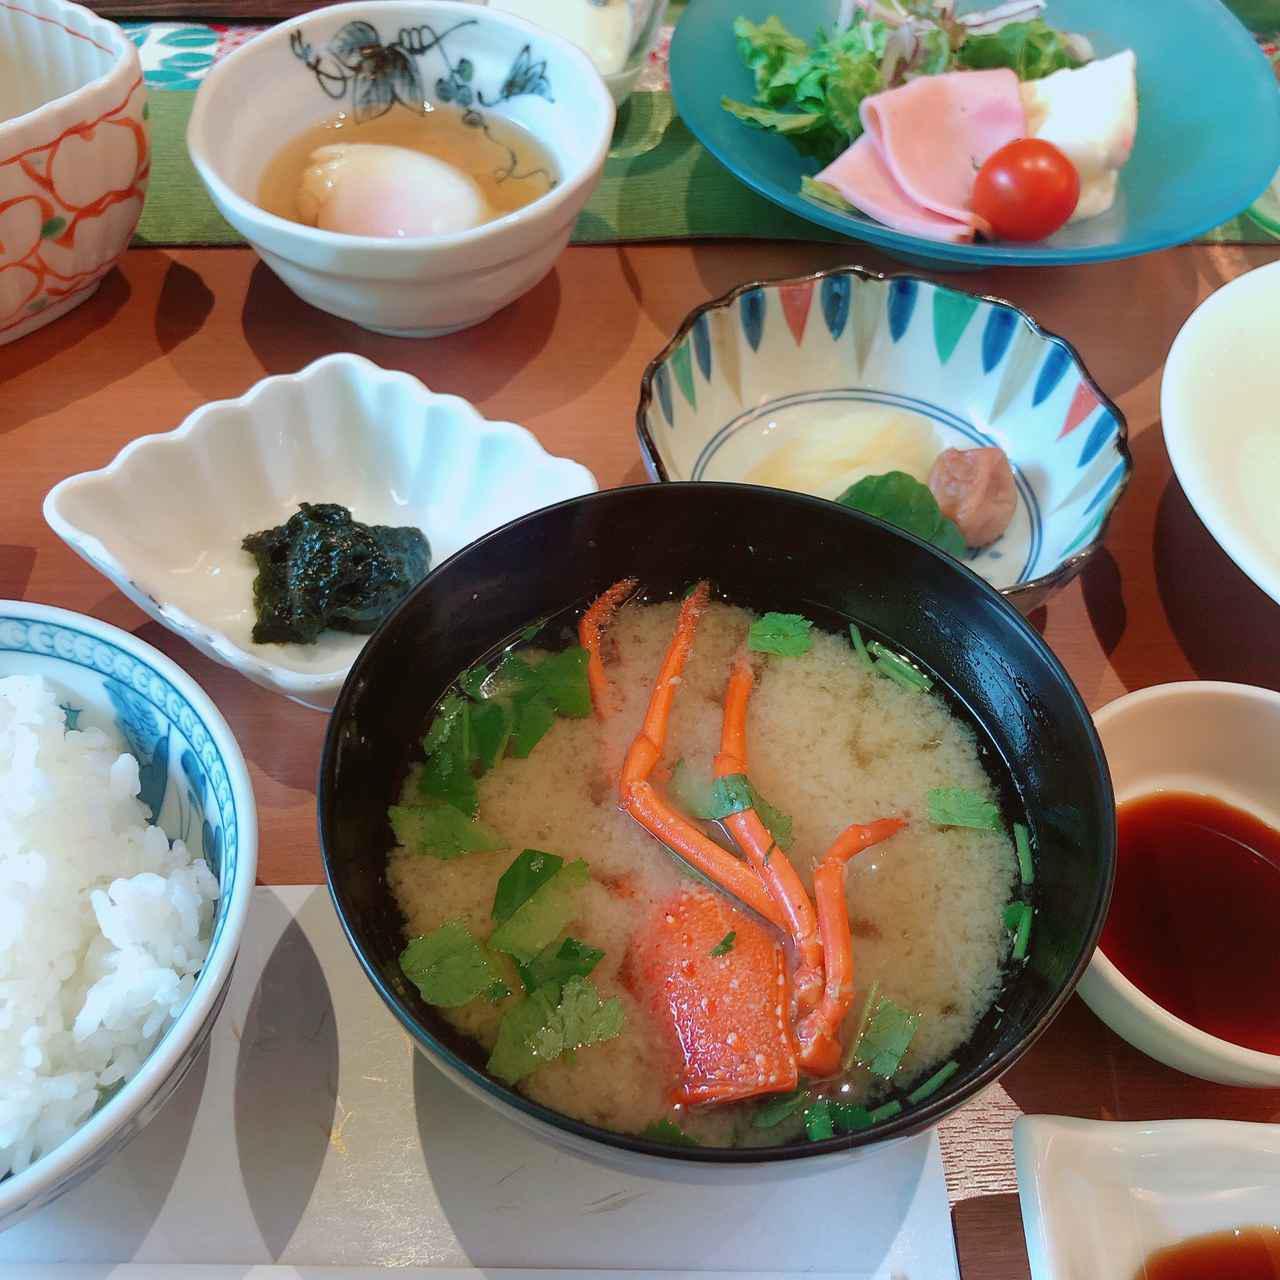 画像14: GoTo紅葉観光におすすめ!伊豆の温泉宿「清流荘」で週末女子旅♡